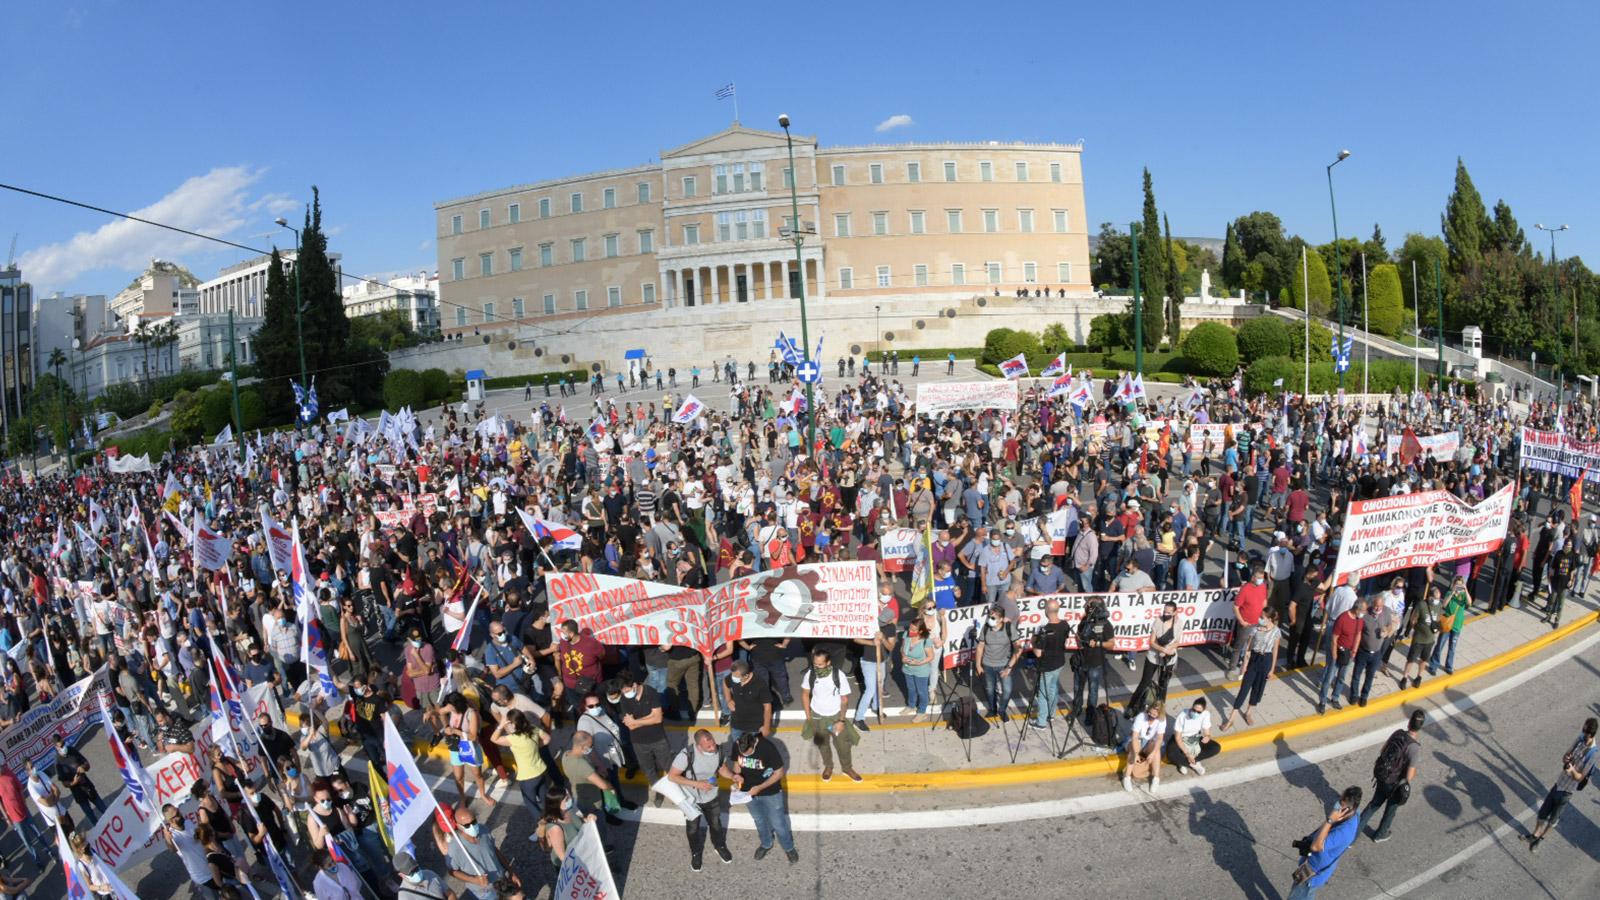 Μεγάλο Συλλαλητήριο στην Αθήνα έξω απο τη Βουλή(ΦΩΤΟ-VIDEO)